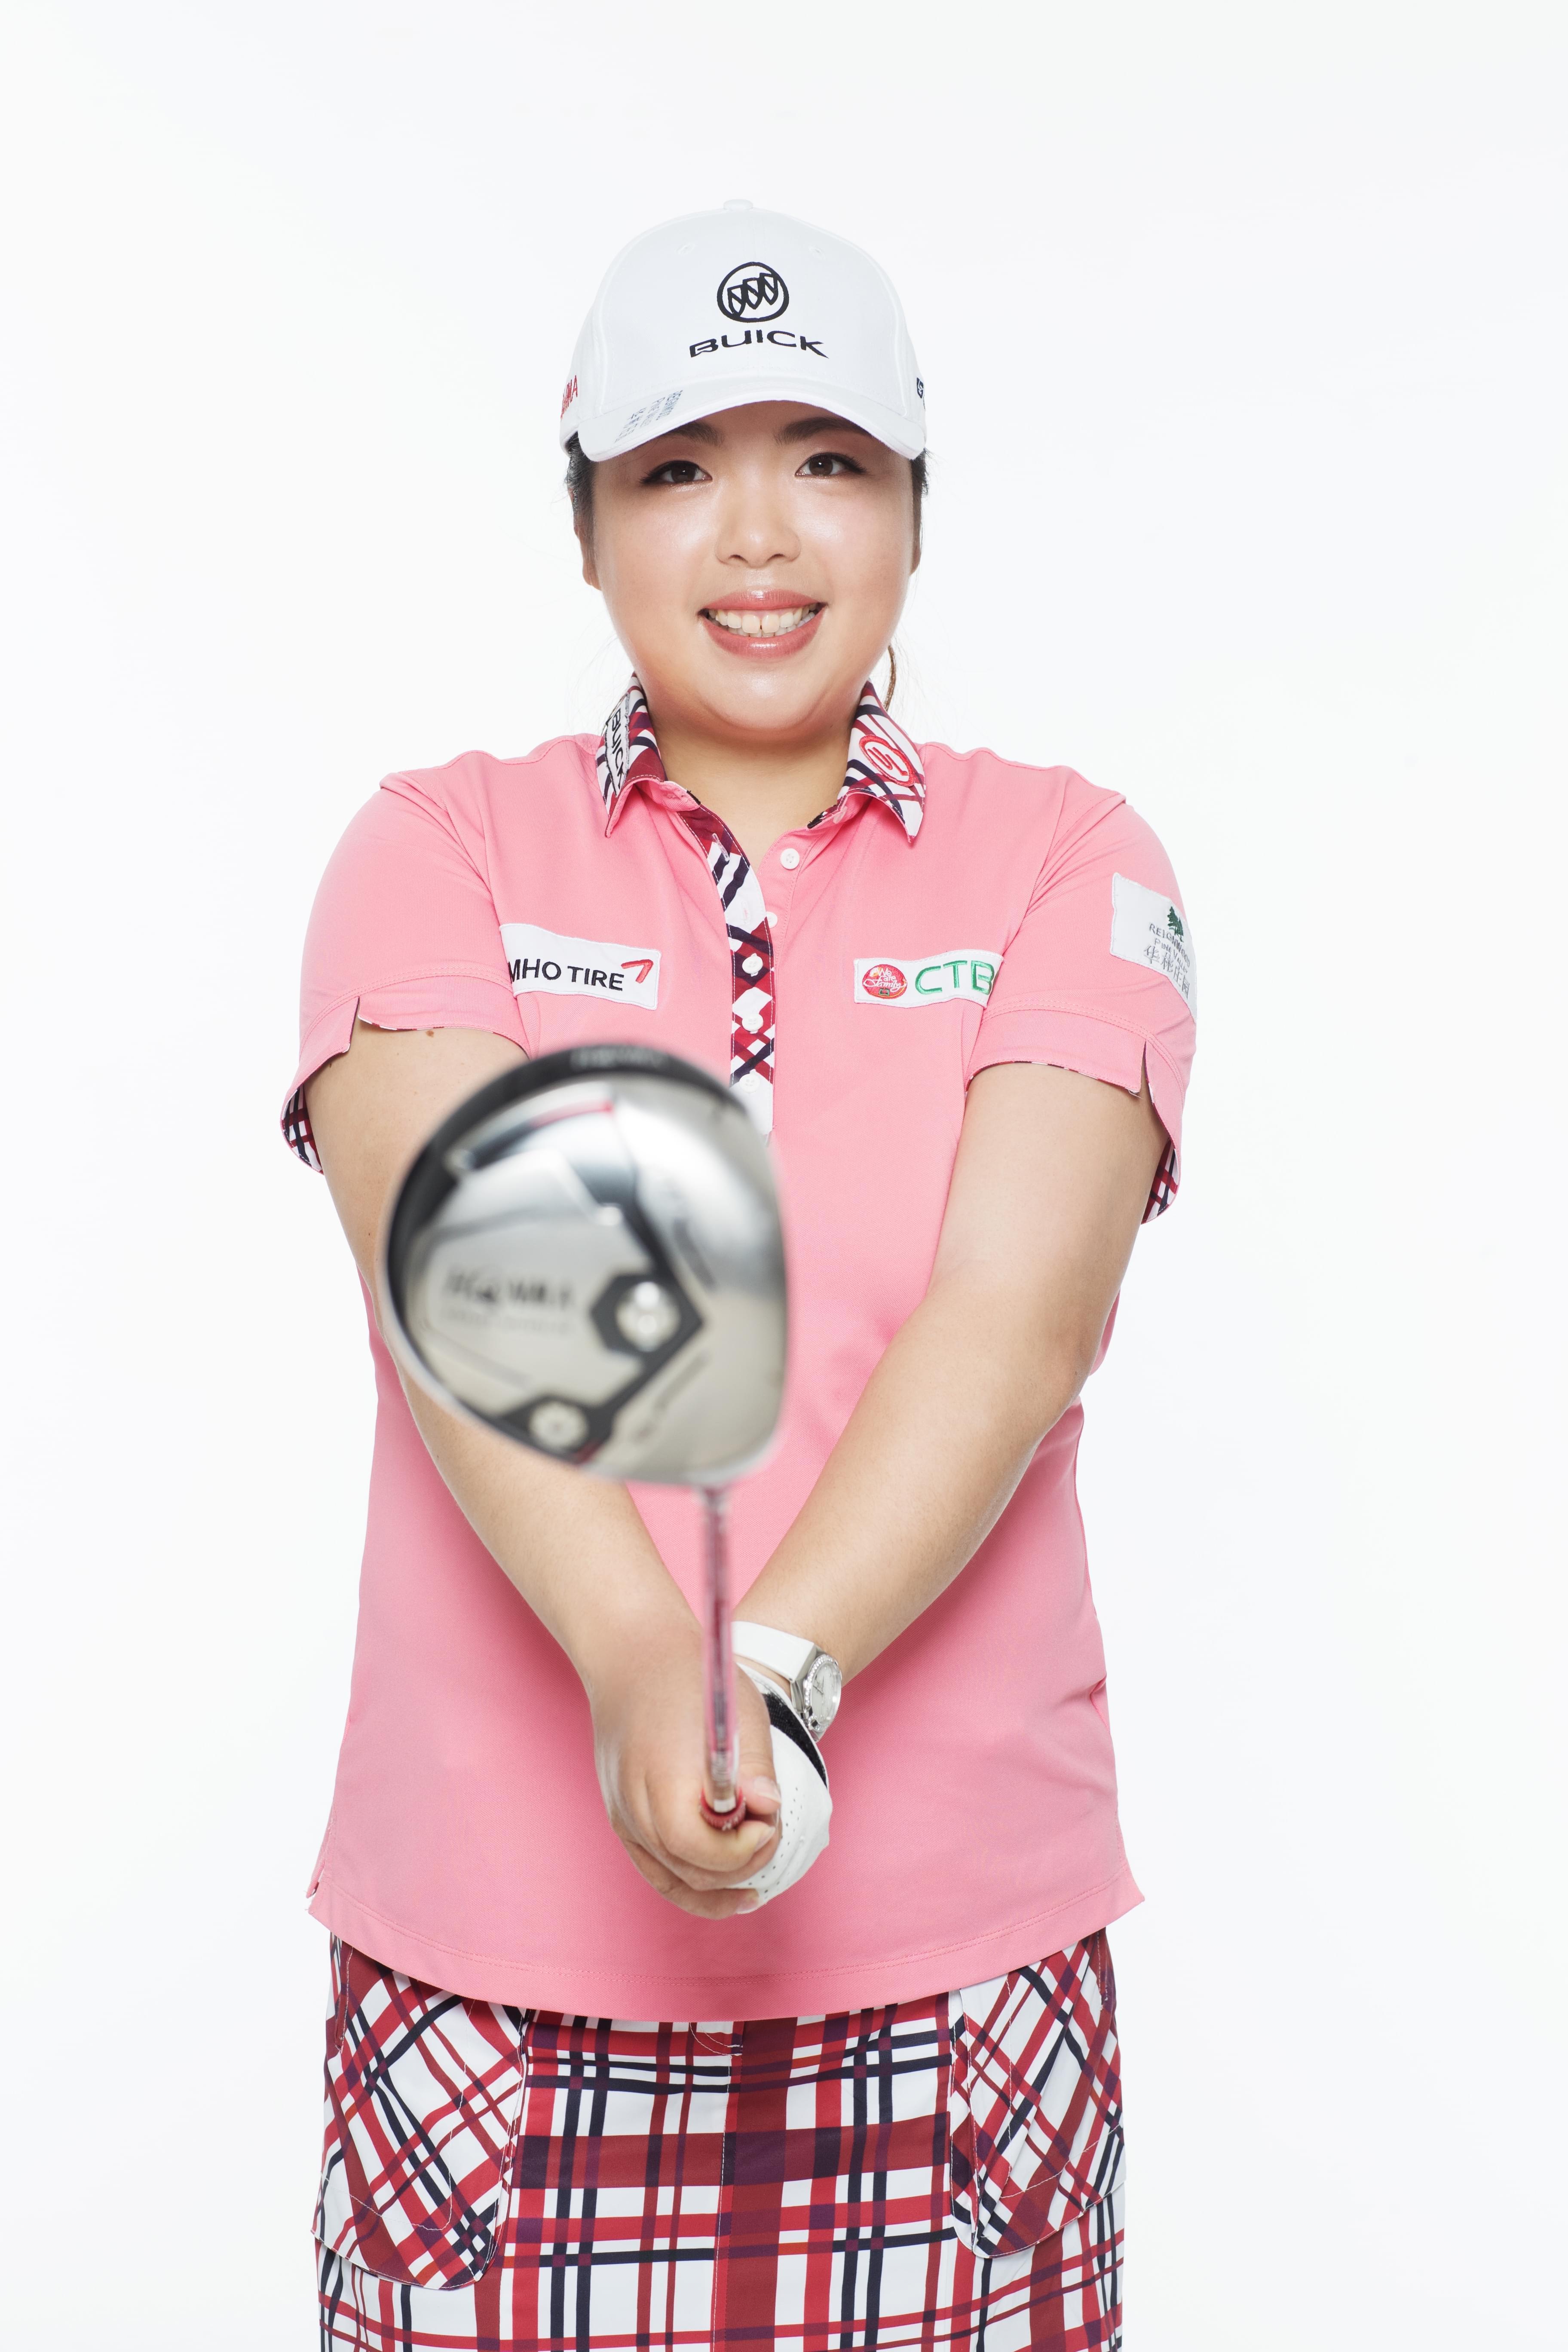 我国高尔夫首位国际排名榜首冯珊珊遇见更好的自己